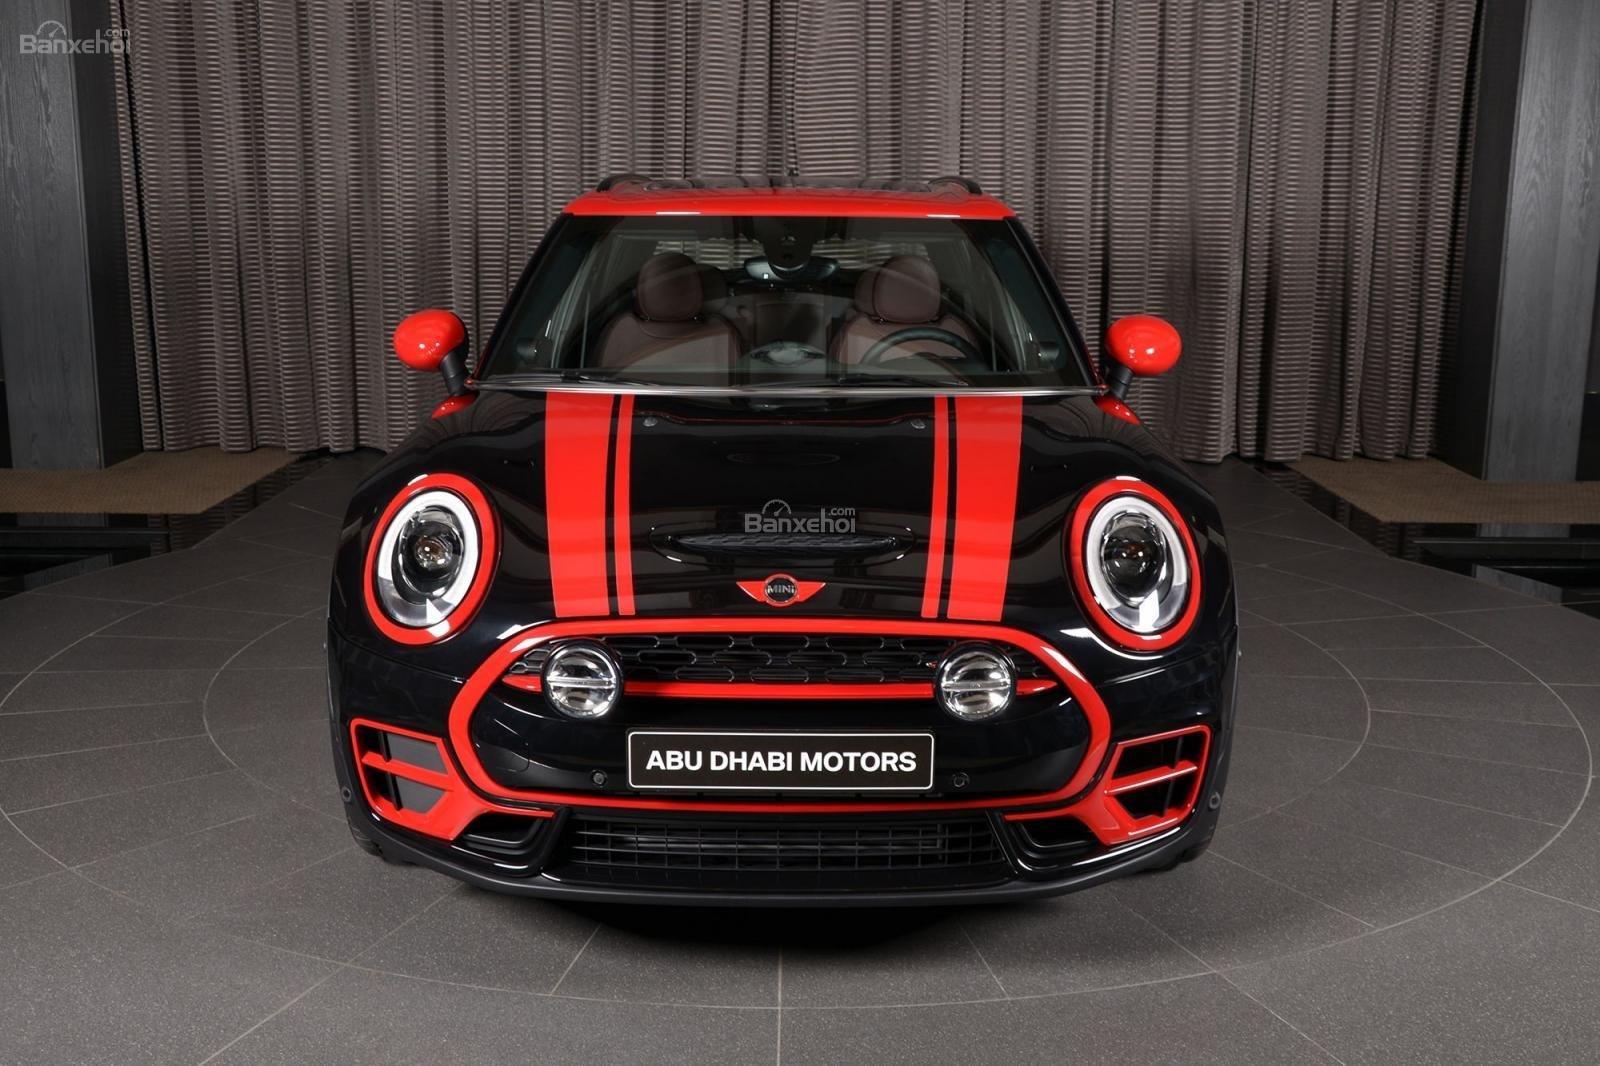 Bán xe Mini Clubman John Cooper Work 2019, màu Midnight Black nhập khẩu từ Anh Quốc-1